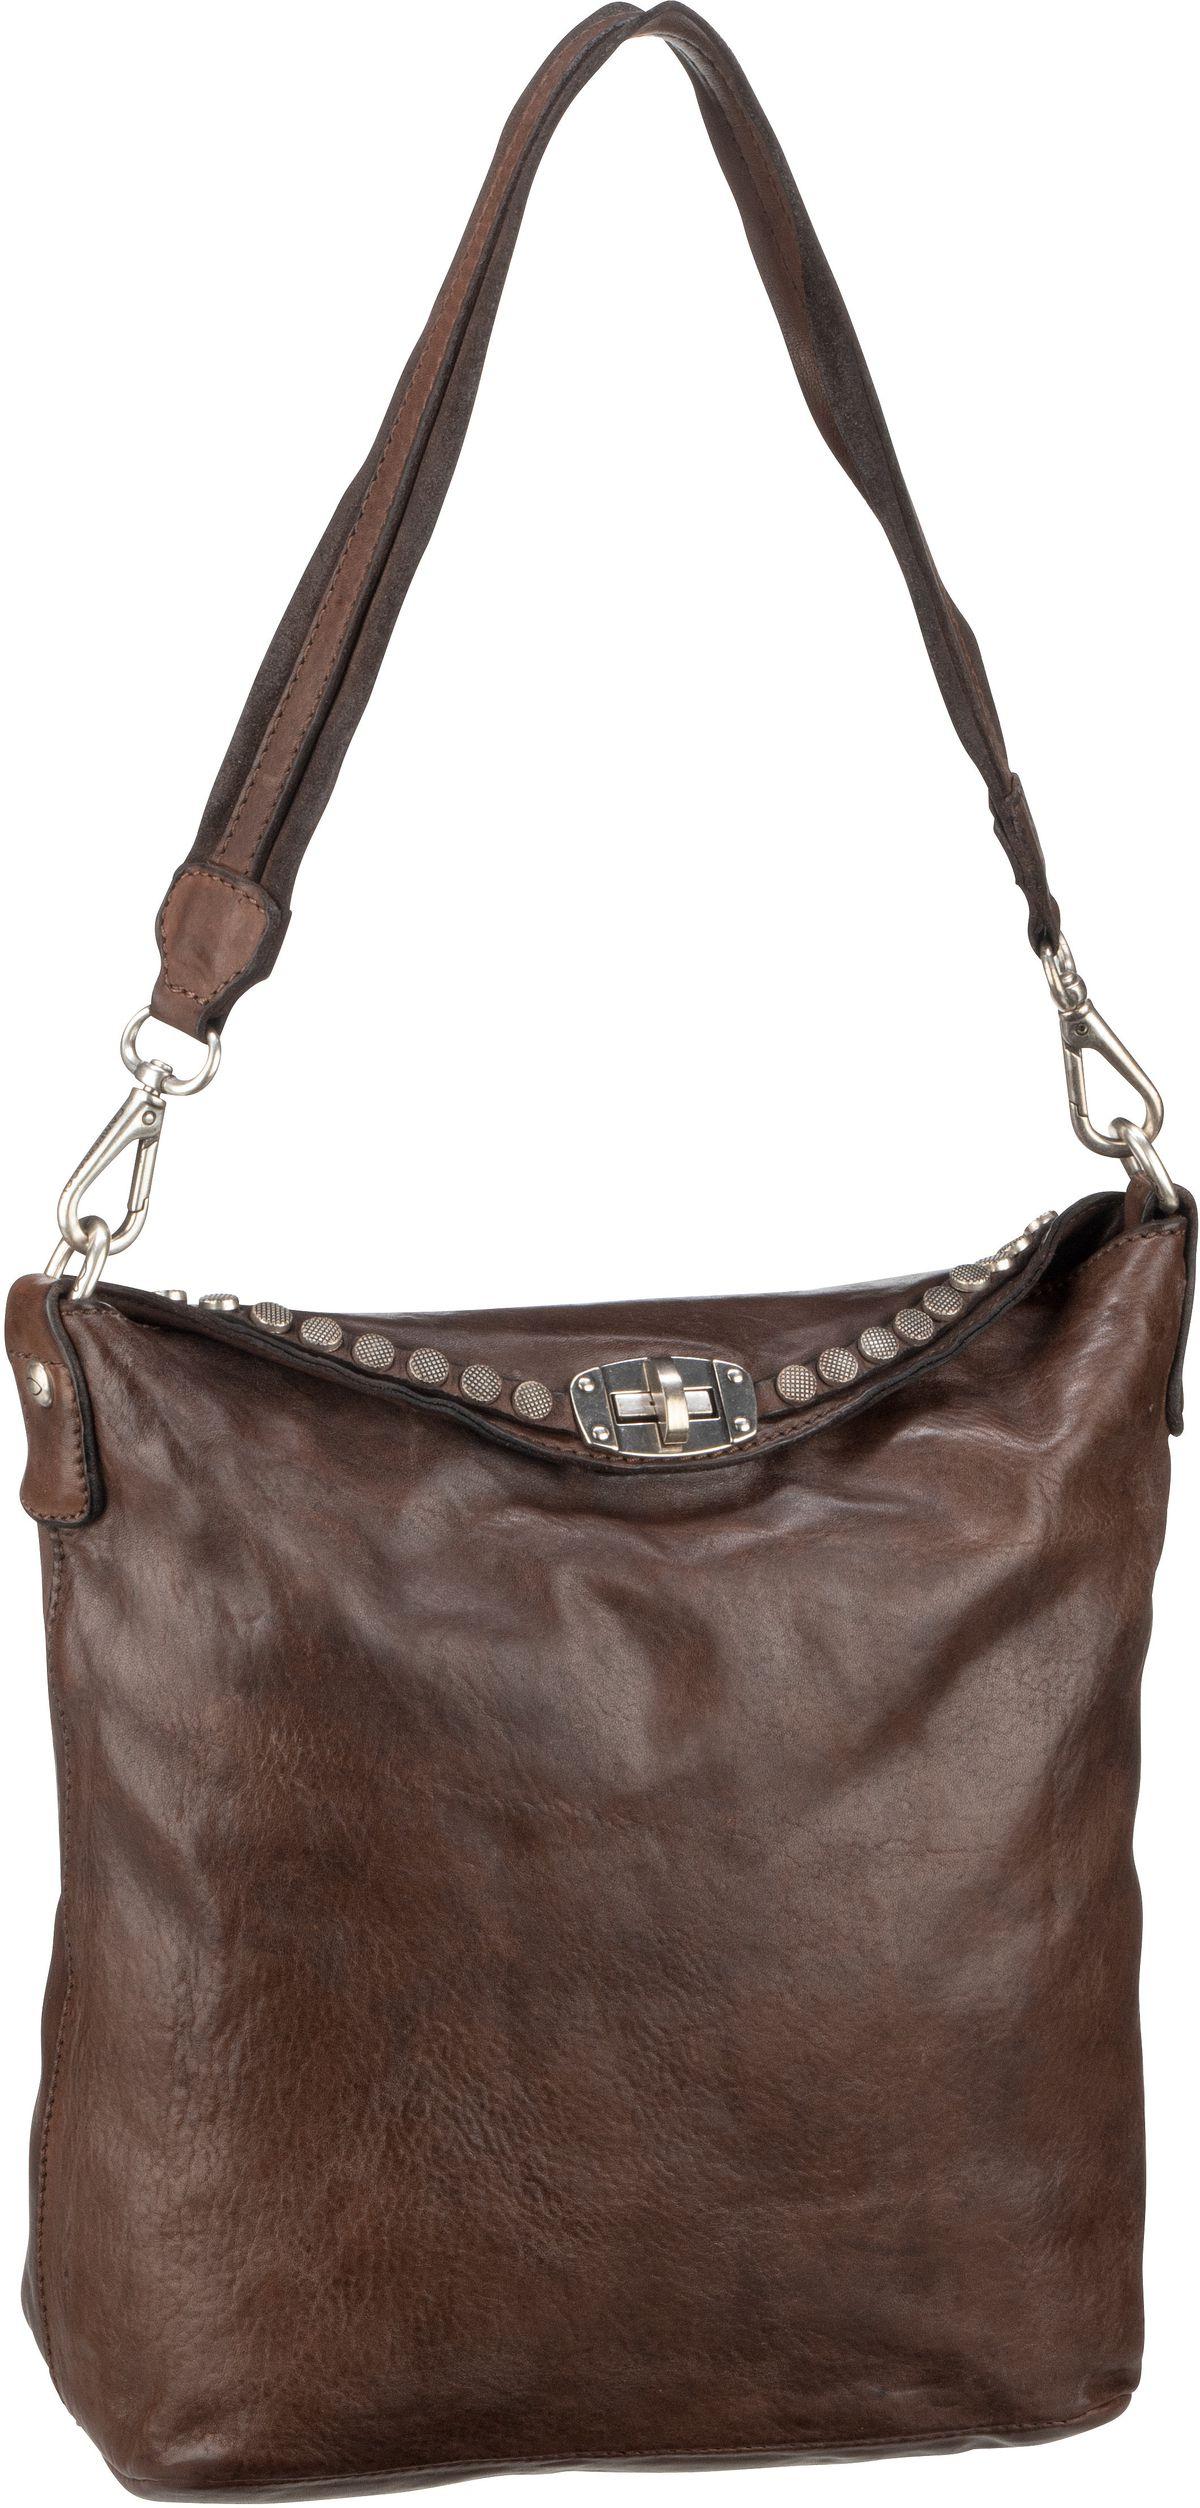 Handtasche Artemide C16790 Moro